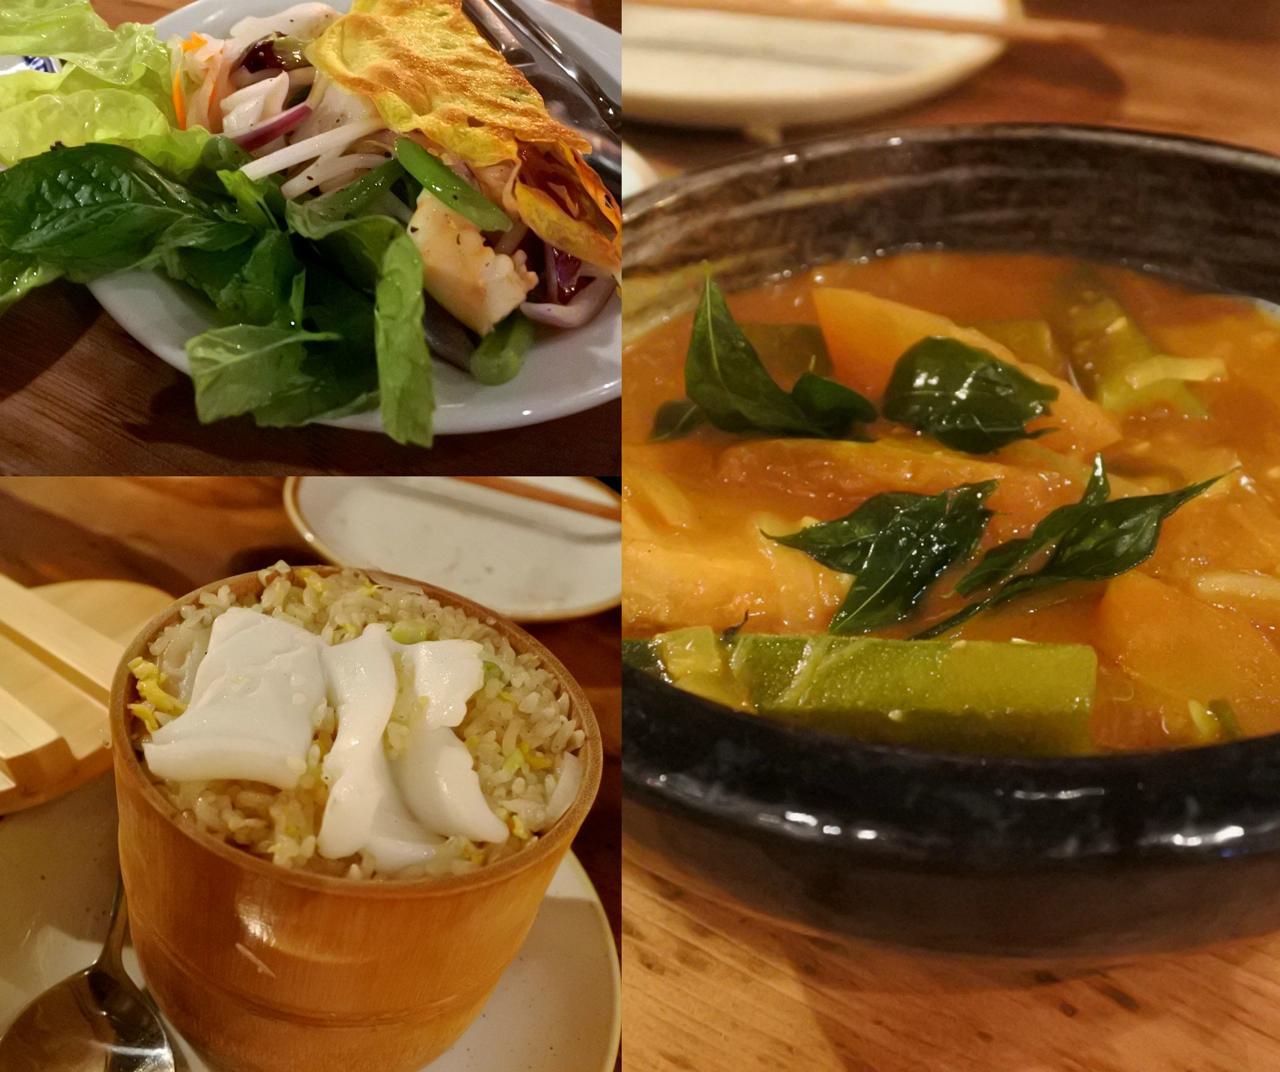 シーフード・カレー(右)、ベトナム風パンケーキ(左上)、シーフード・ライス